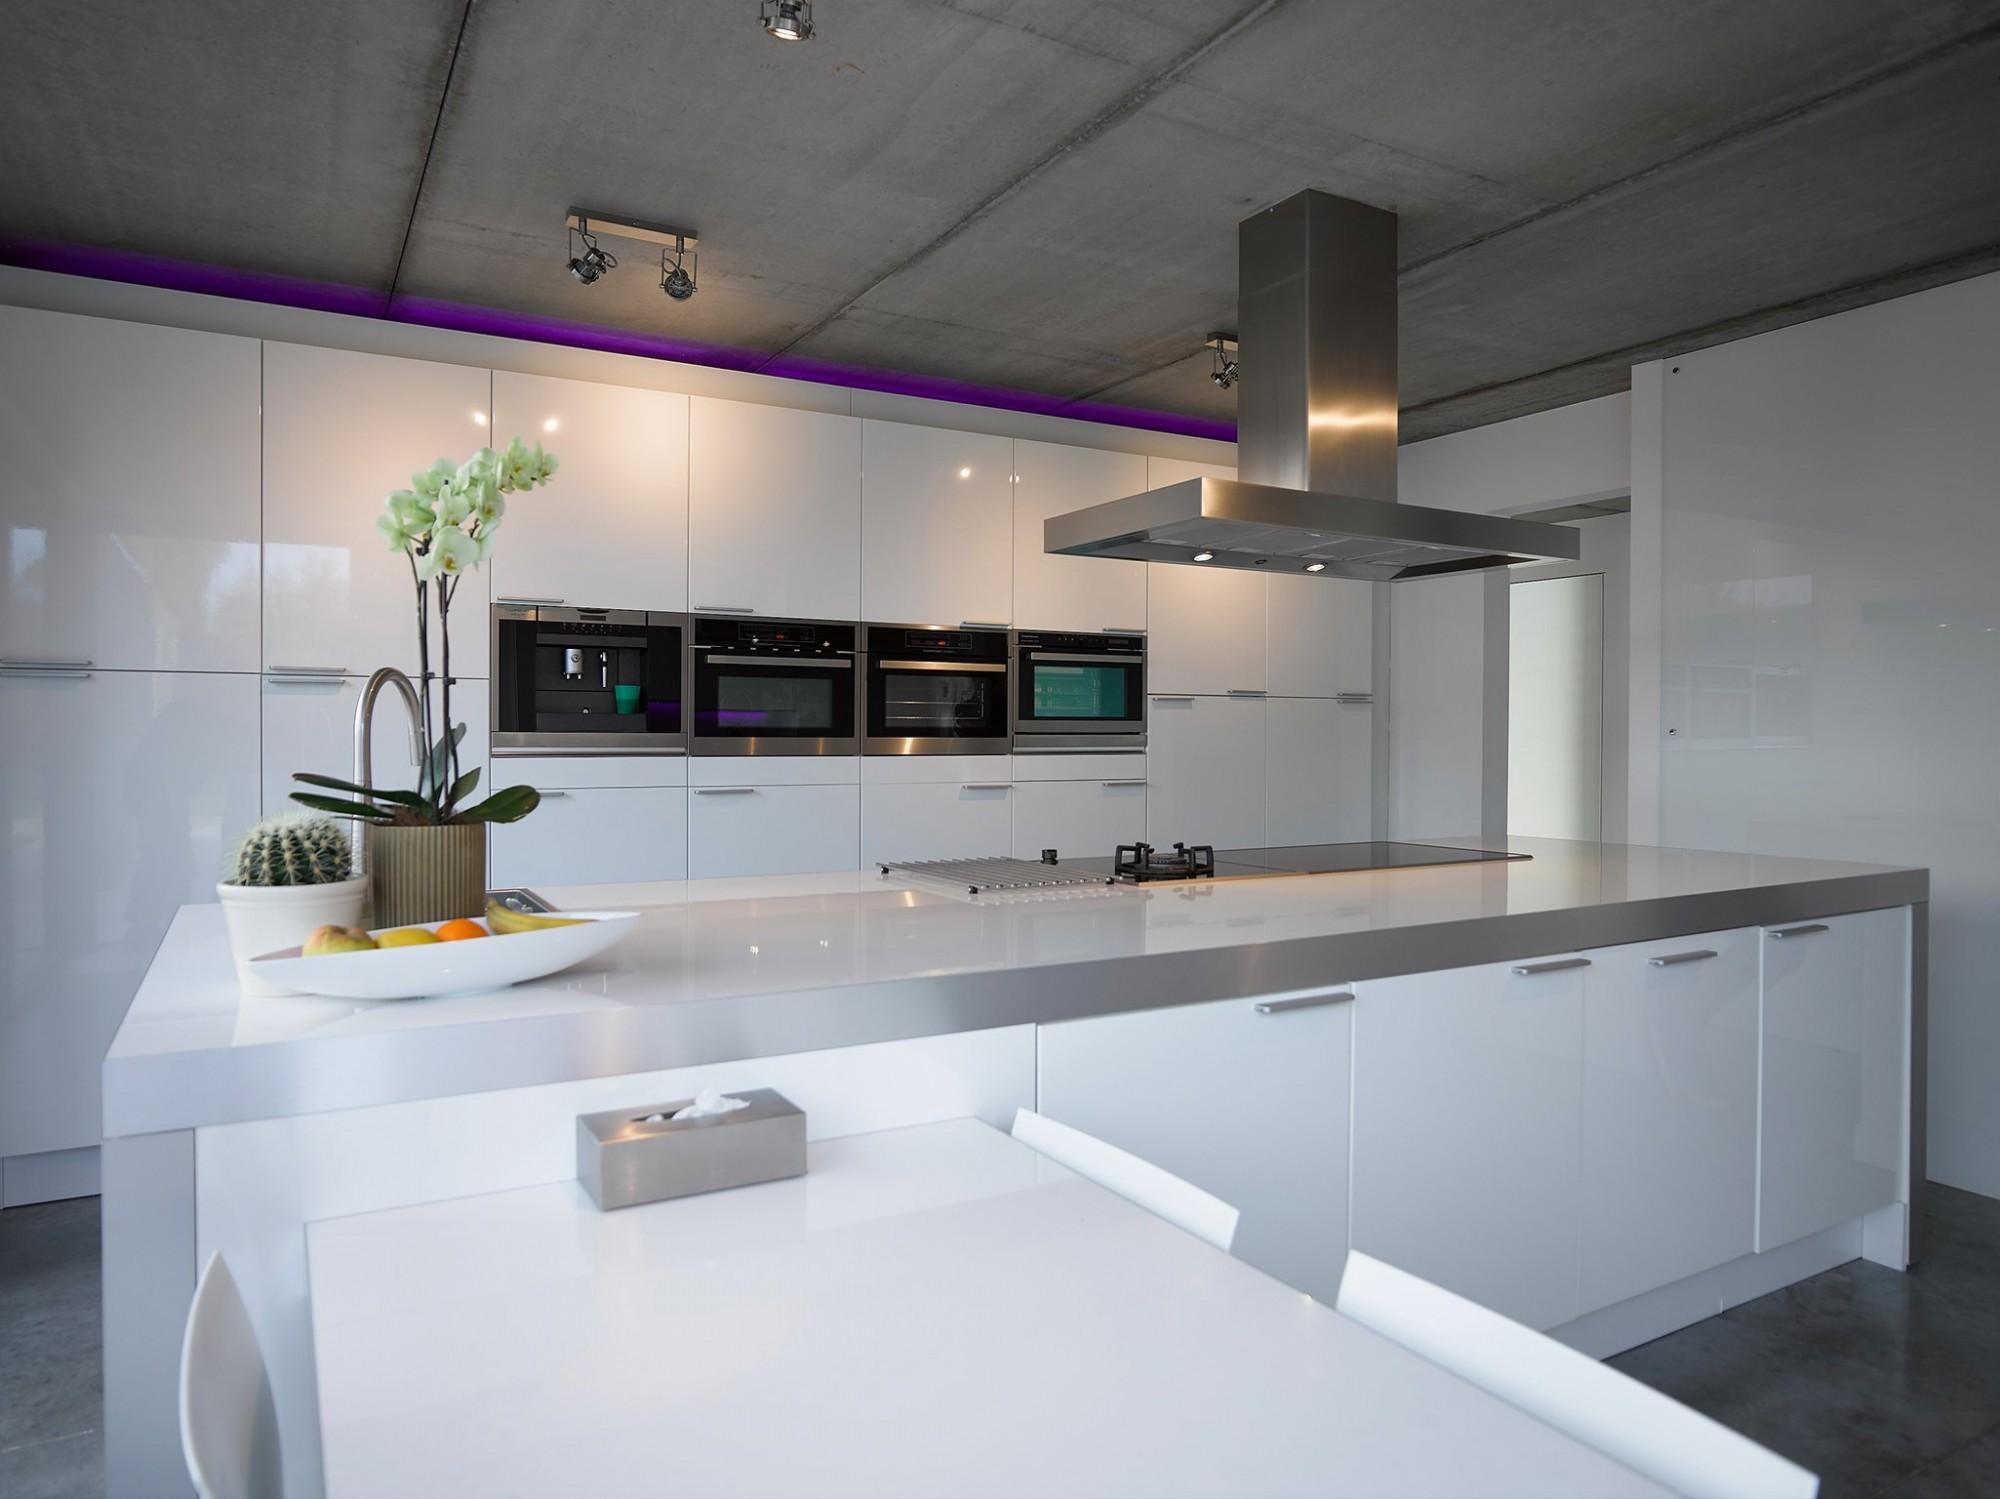 Afbeelding: Keuken fotografie voor © 3D architecten te Nieuwkerken, fotografie keukens Foto Van Huffel.